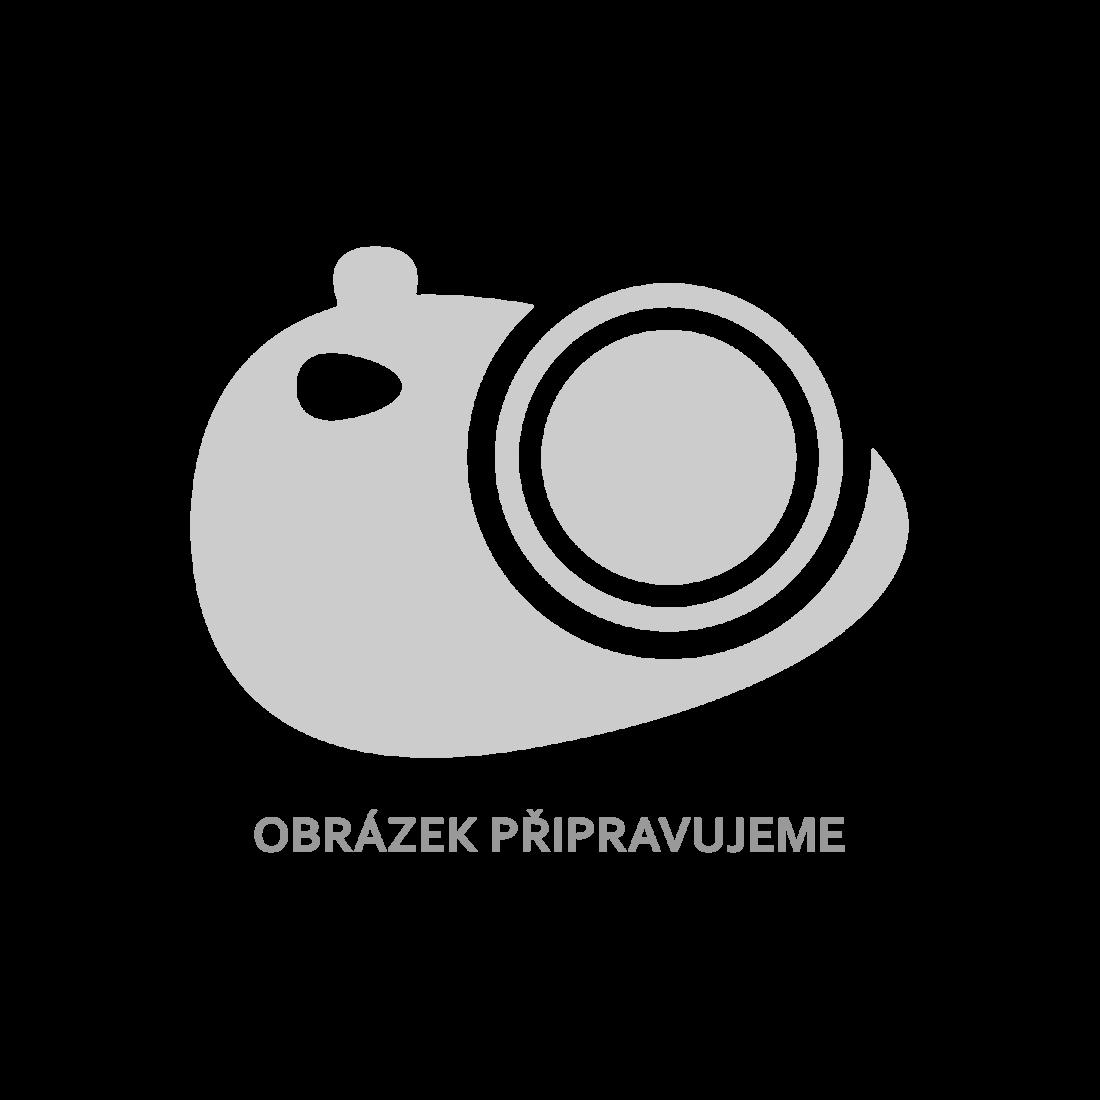 vidaXL Sklápěcí nástěnný stůl bílý 100 x 60 cm [243054]